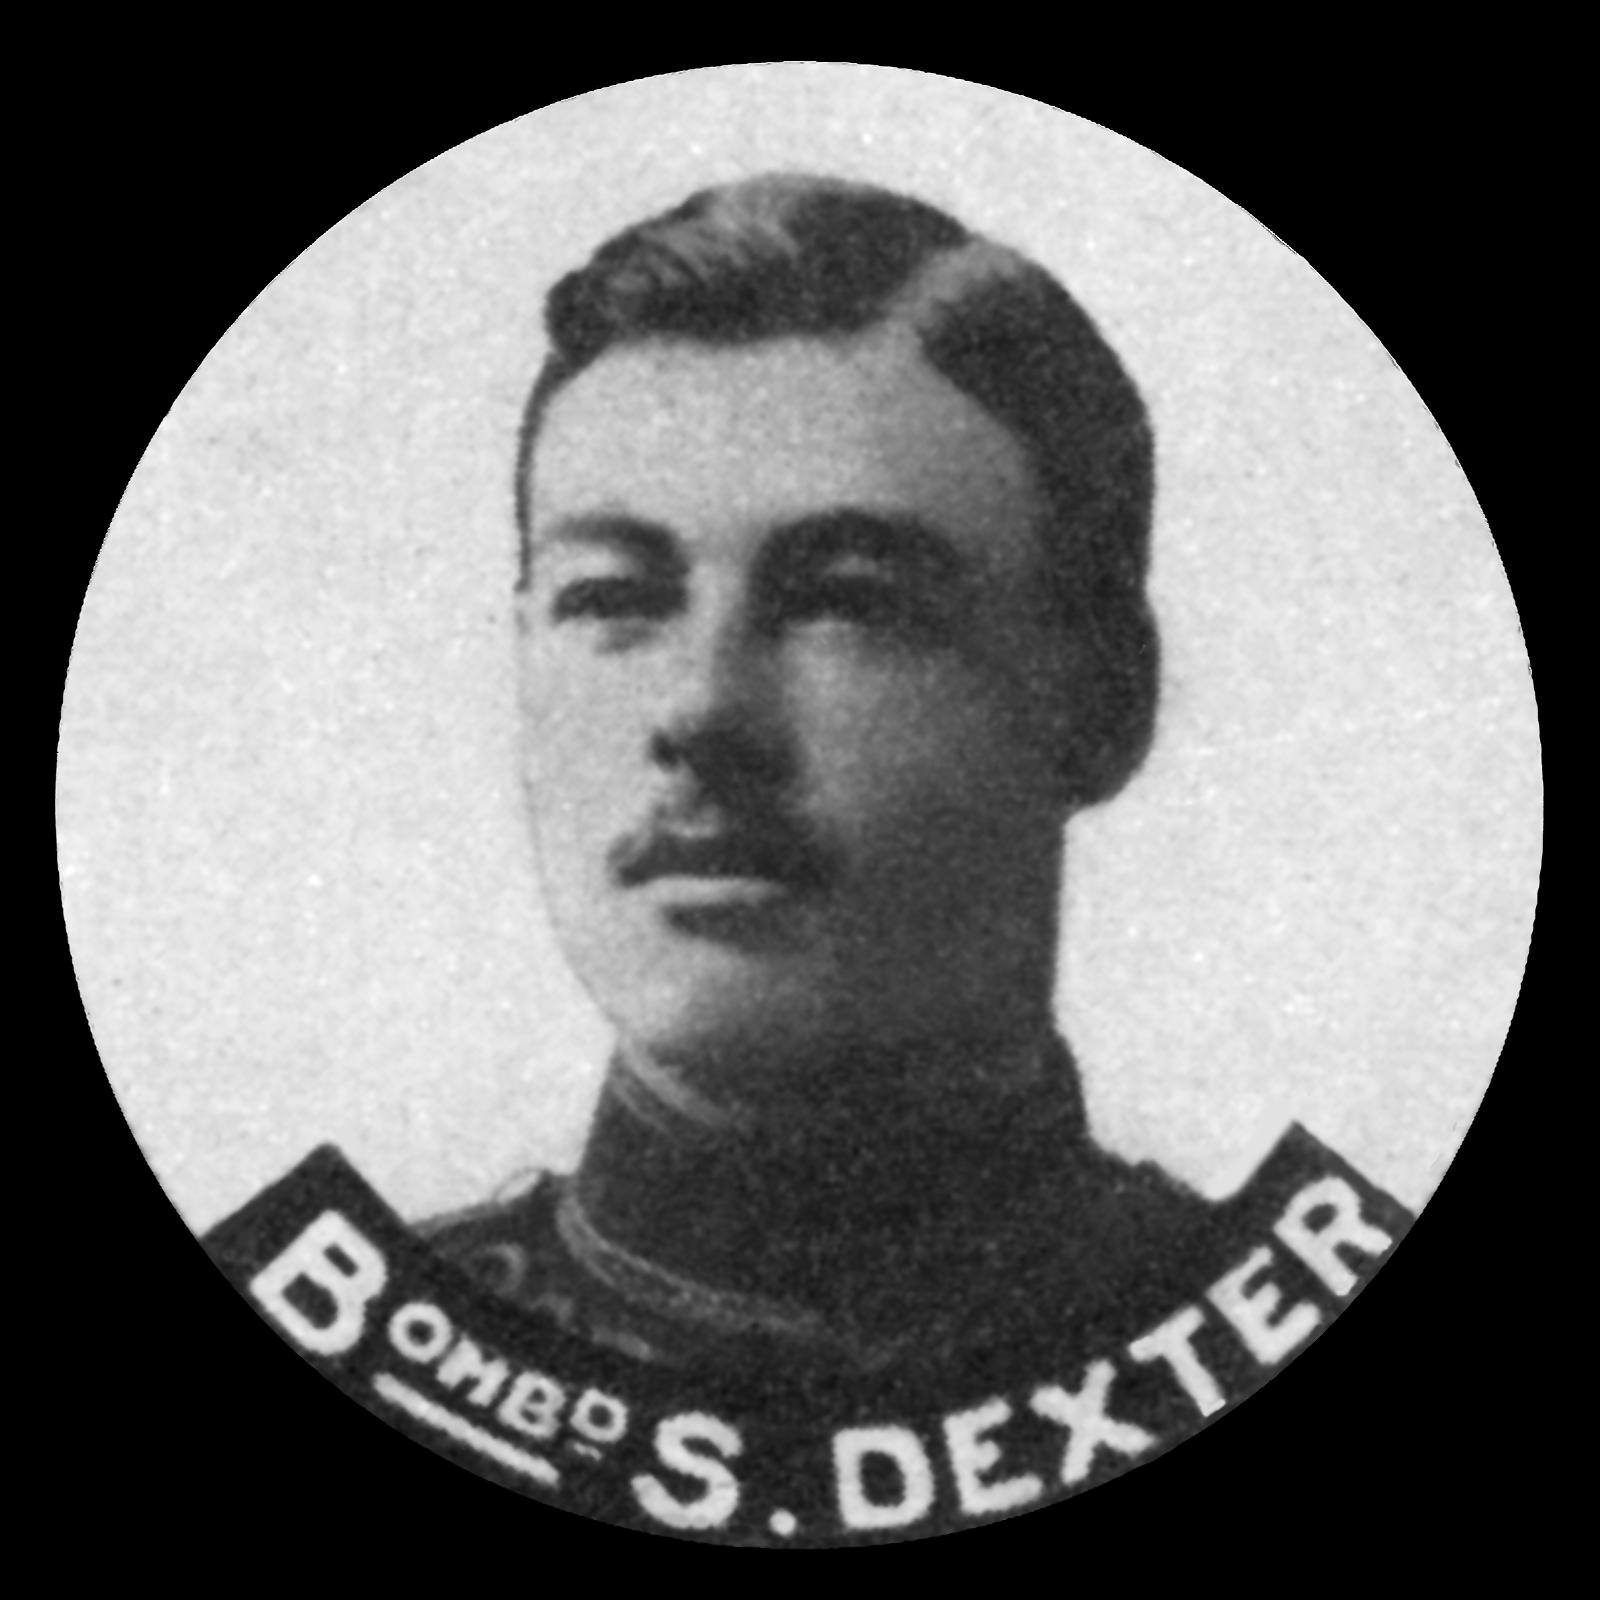 DEXTER Sydney